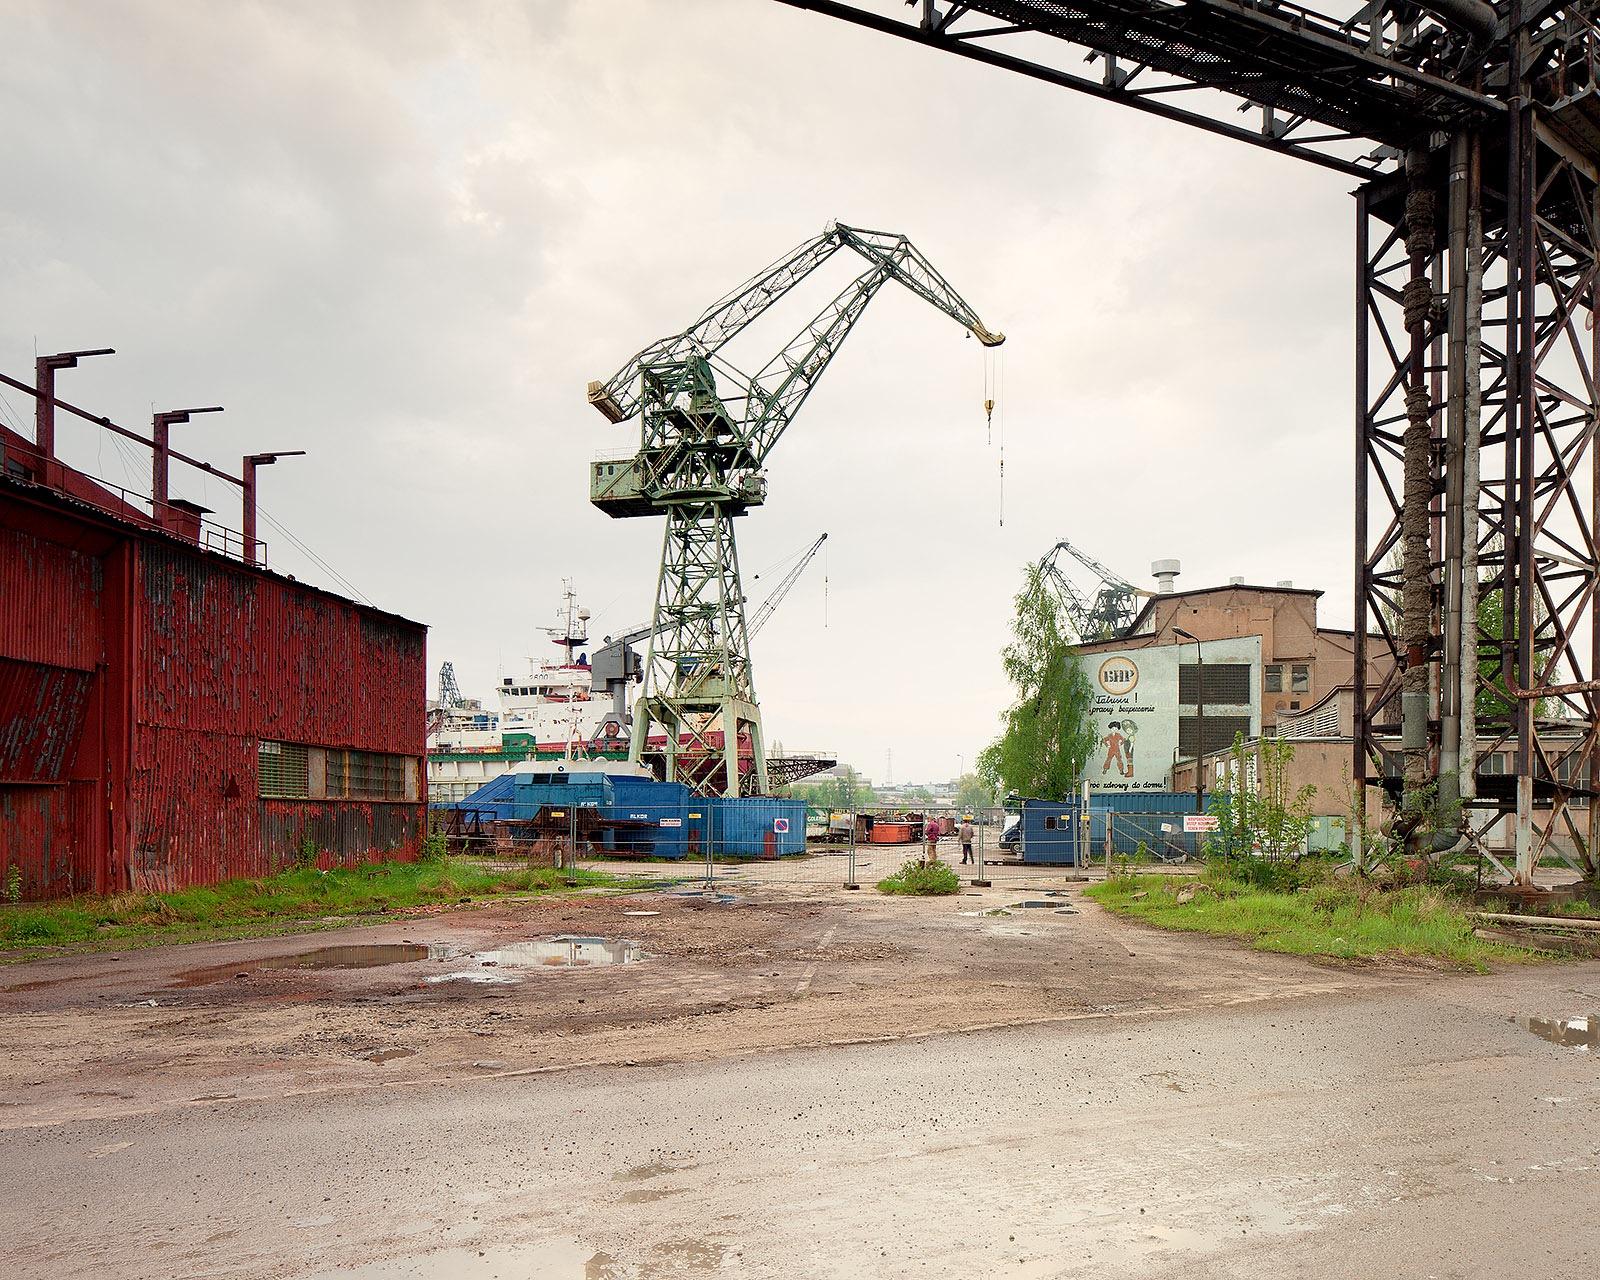 Shipyard #4